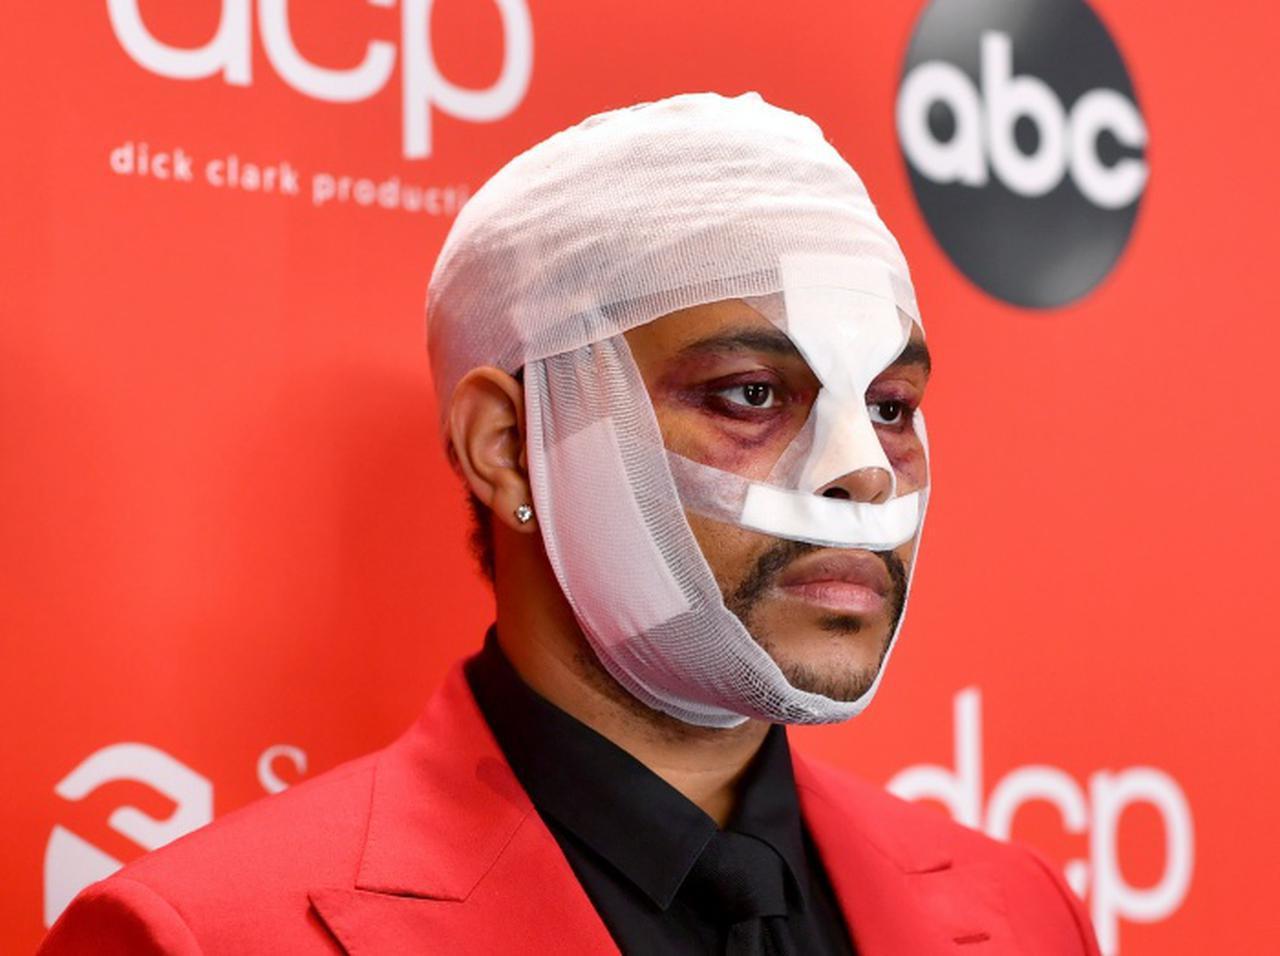 """画像: ザ・ウィークエンドが顔面大怪我⁉︎どんどん悪化する""""病み系""""ルックスで話題に【AMA2020】 - フロントロウ -海外セレブ情報を発信"""